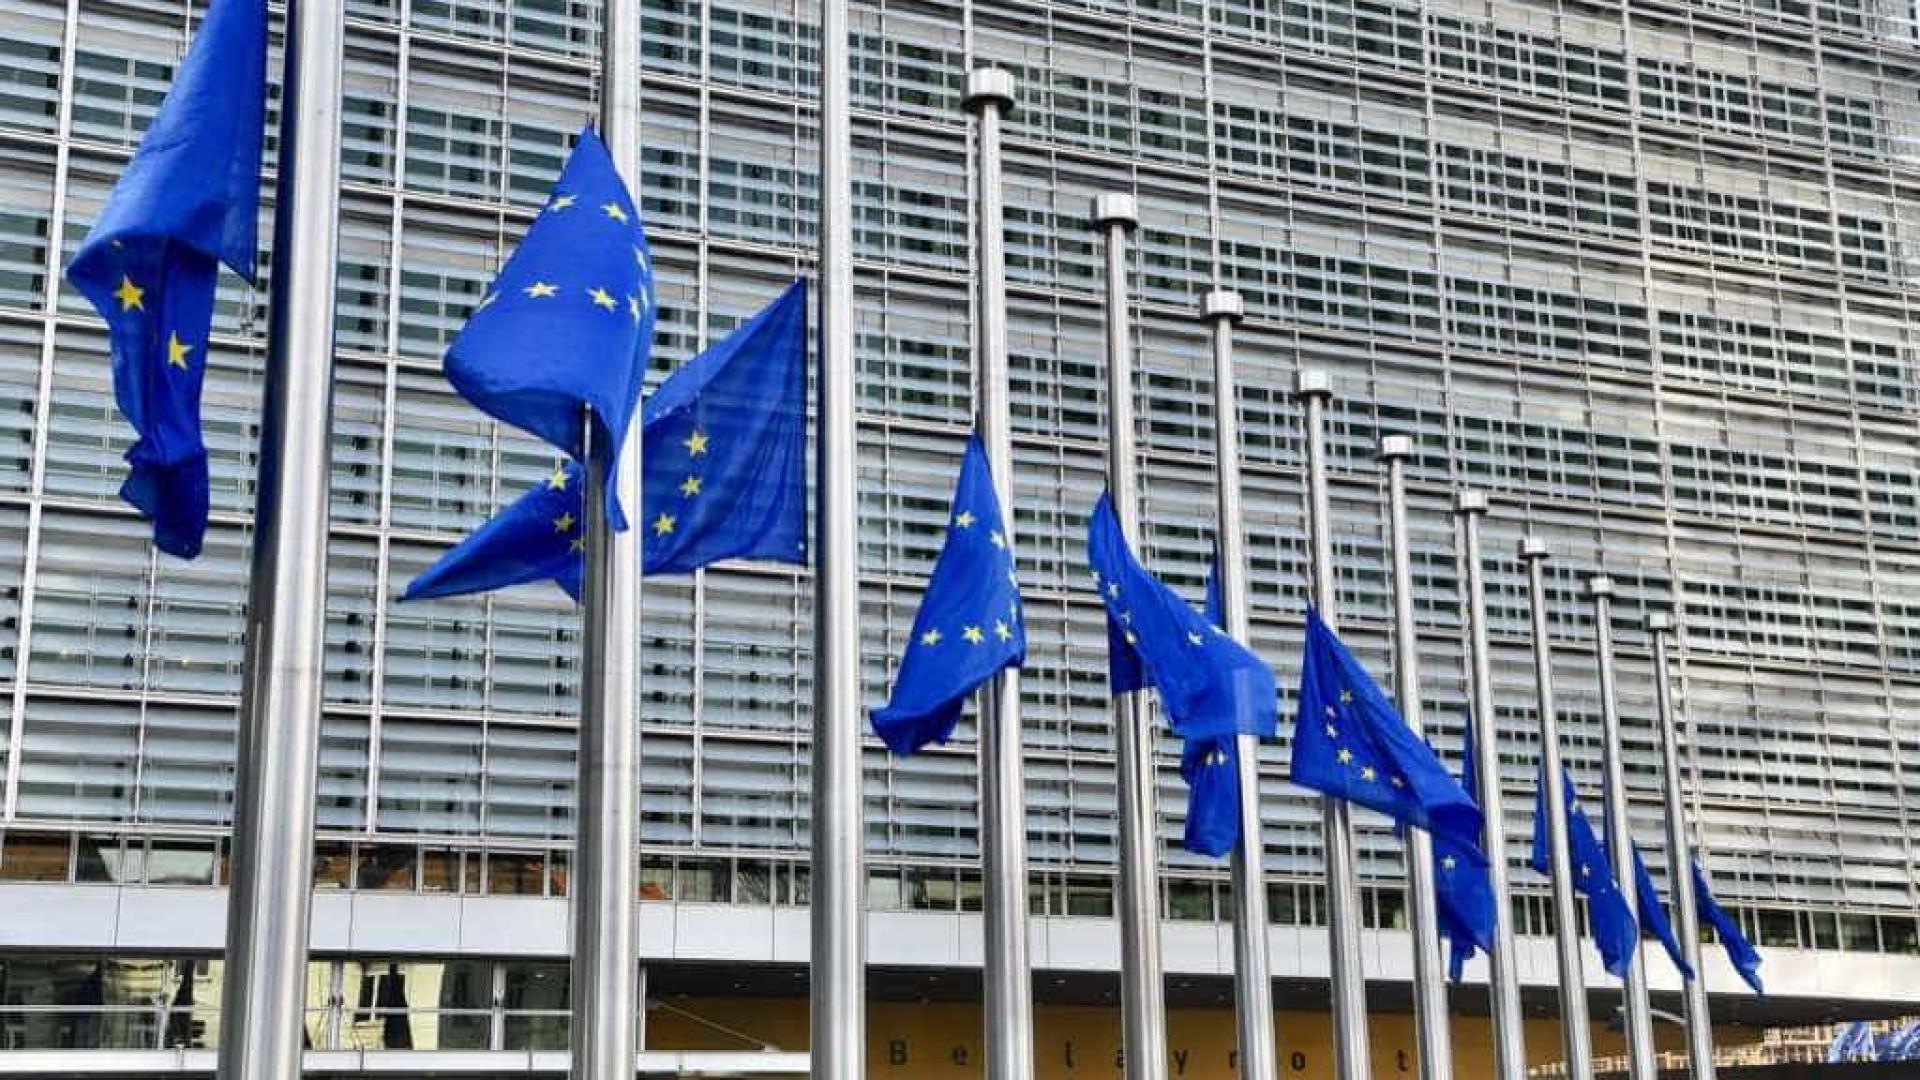 Rendimento e consumo das famílias sobem na zona euro e UE